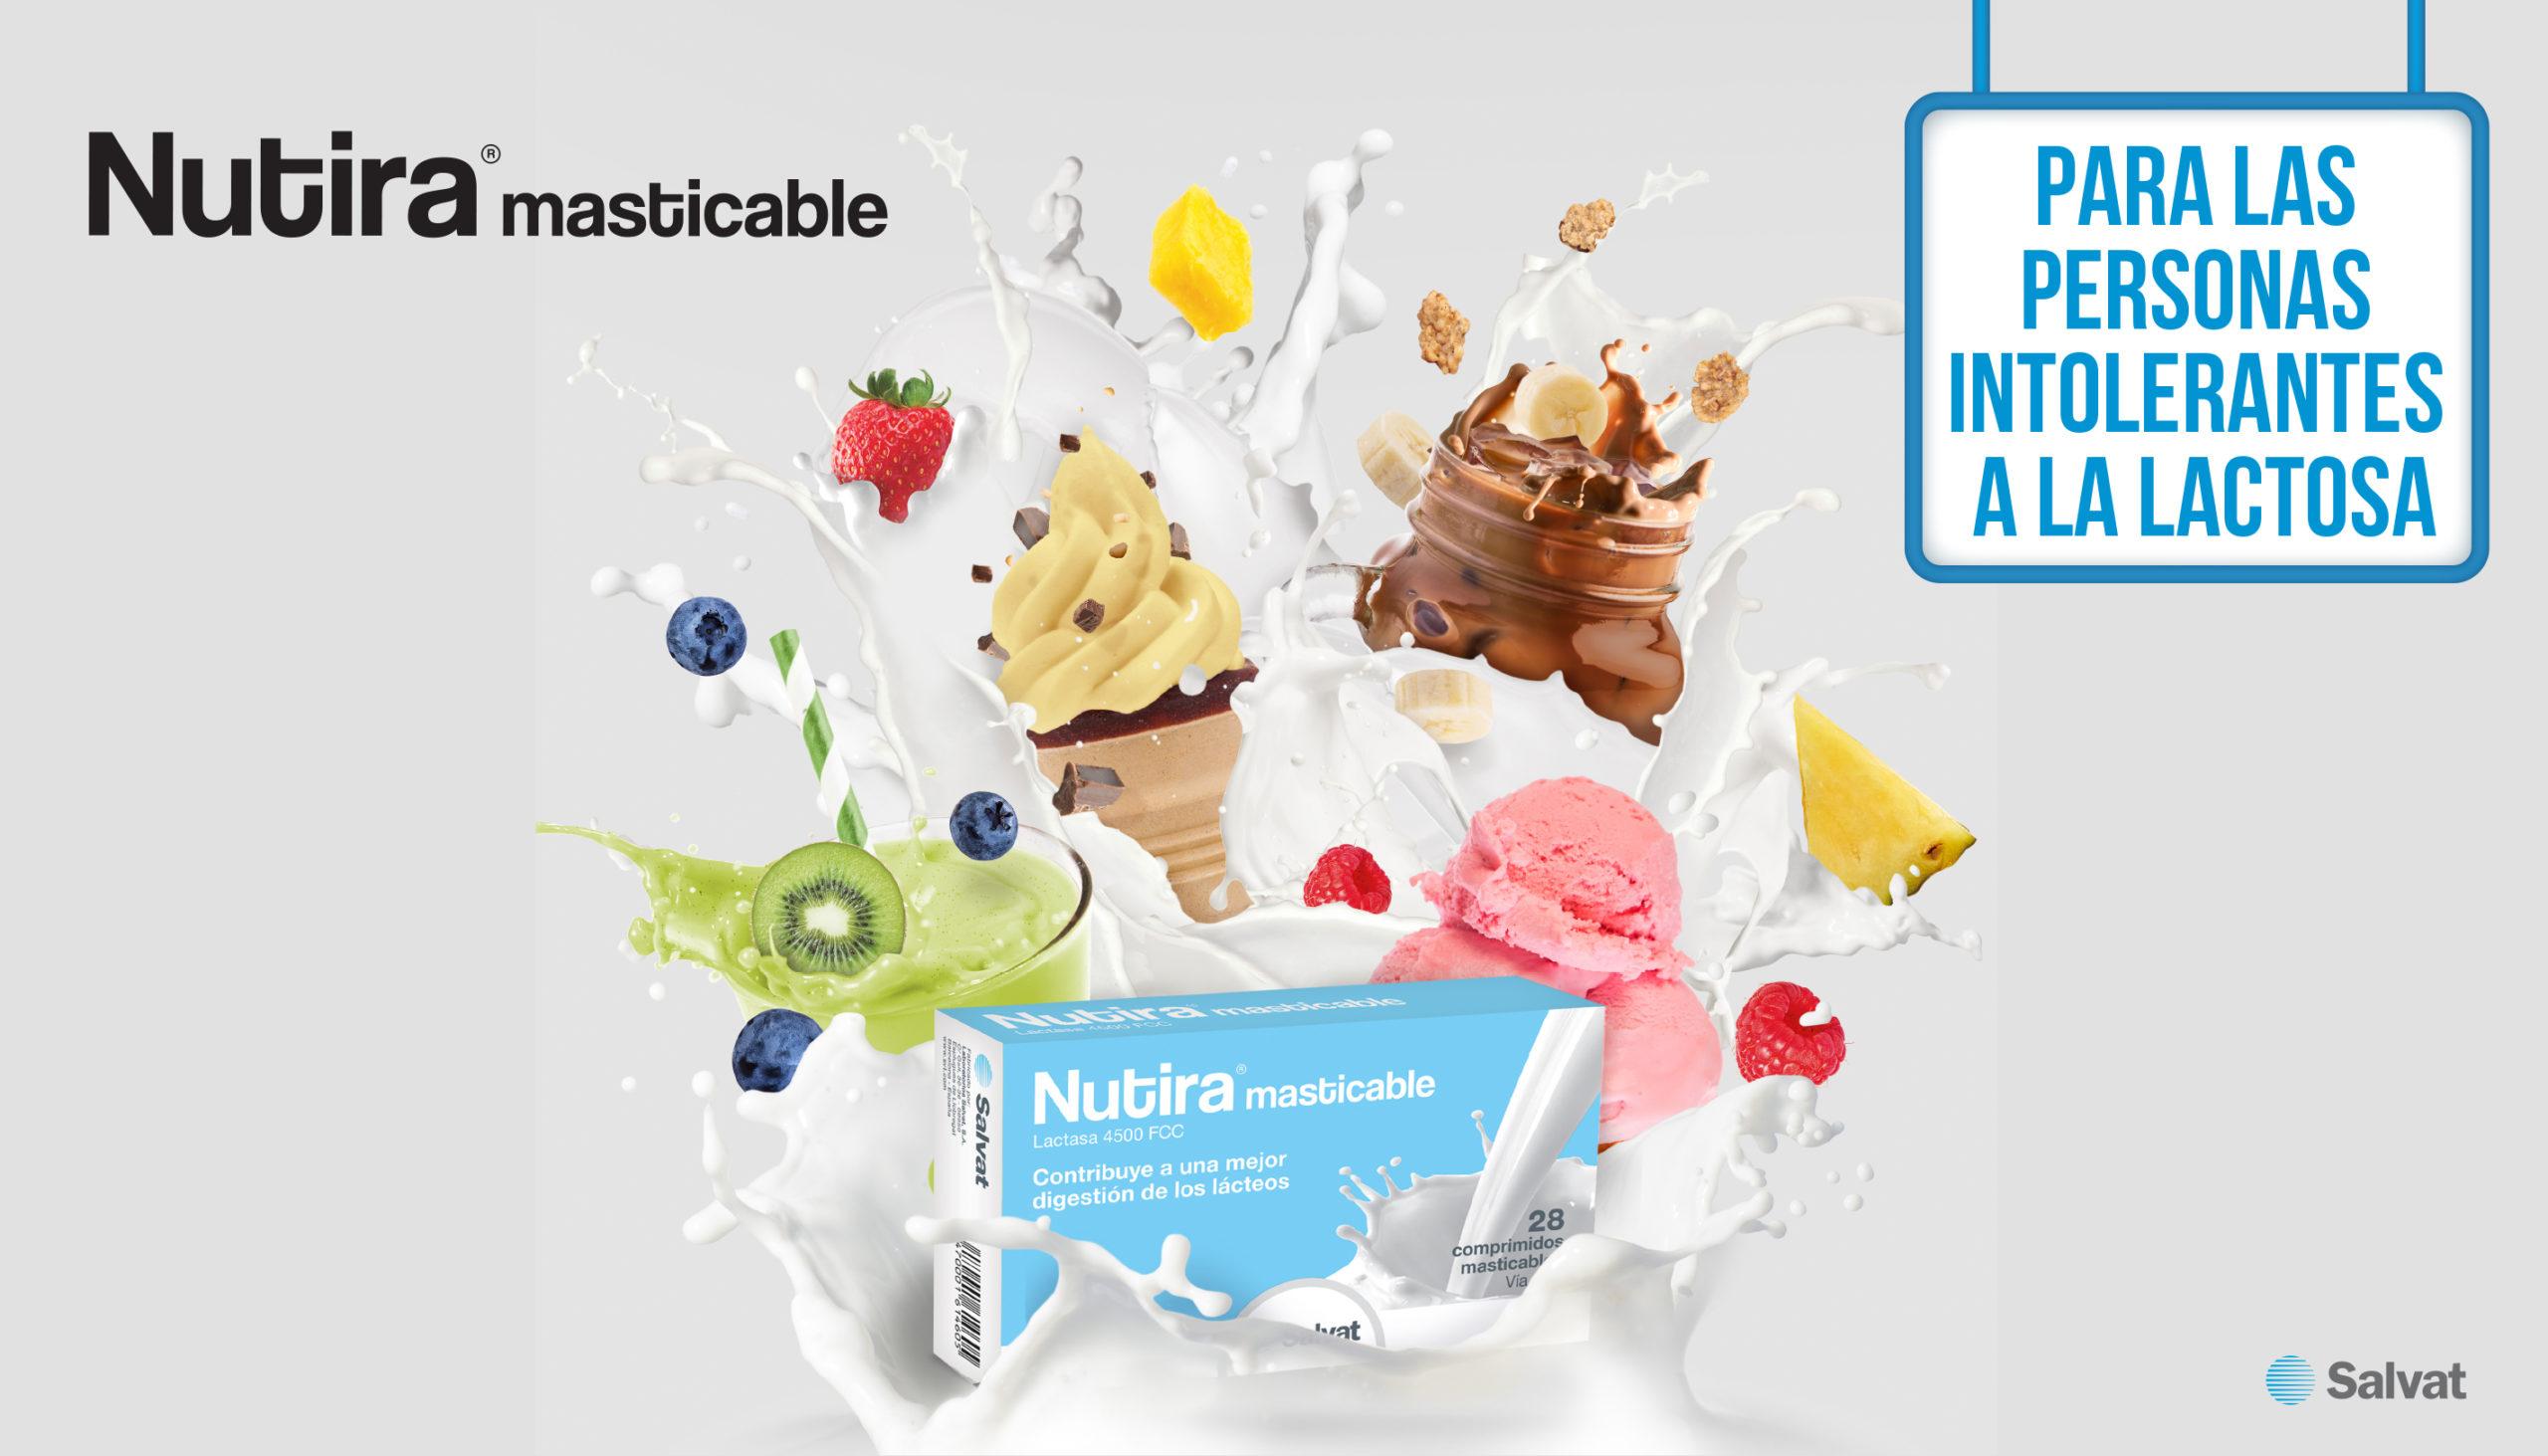 NUTIRA: Buenas noticias para los intolerantes a la lactosa